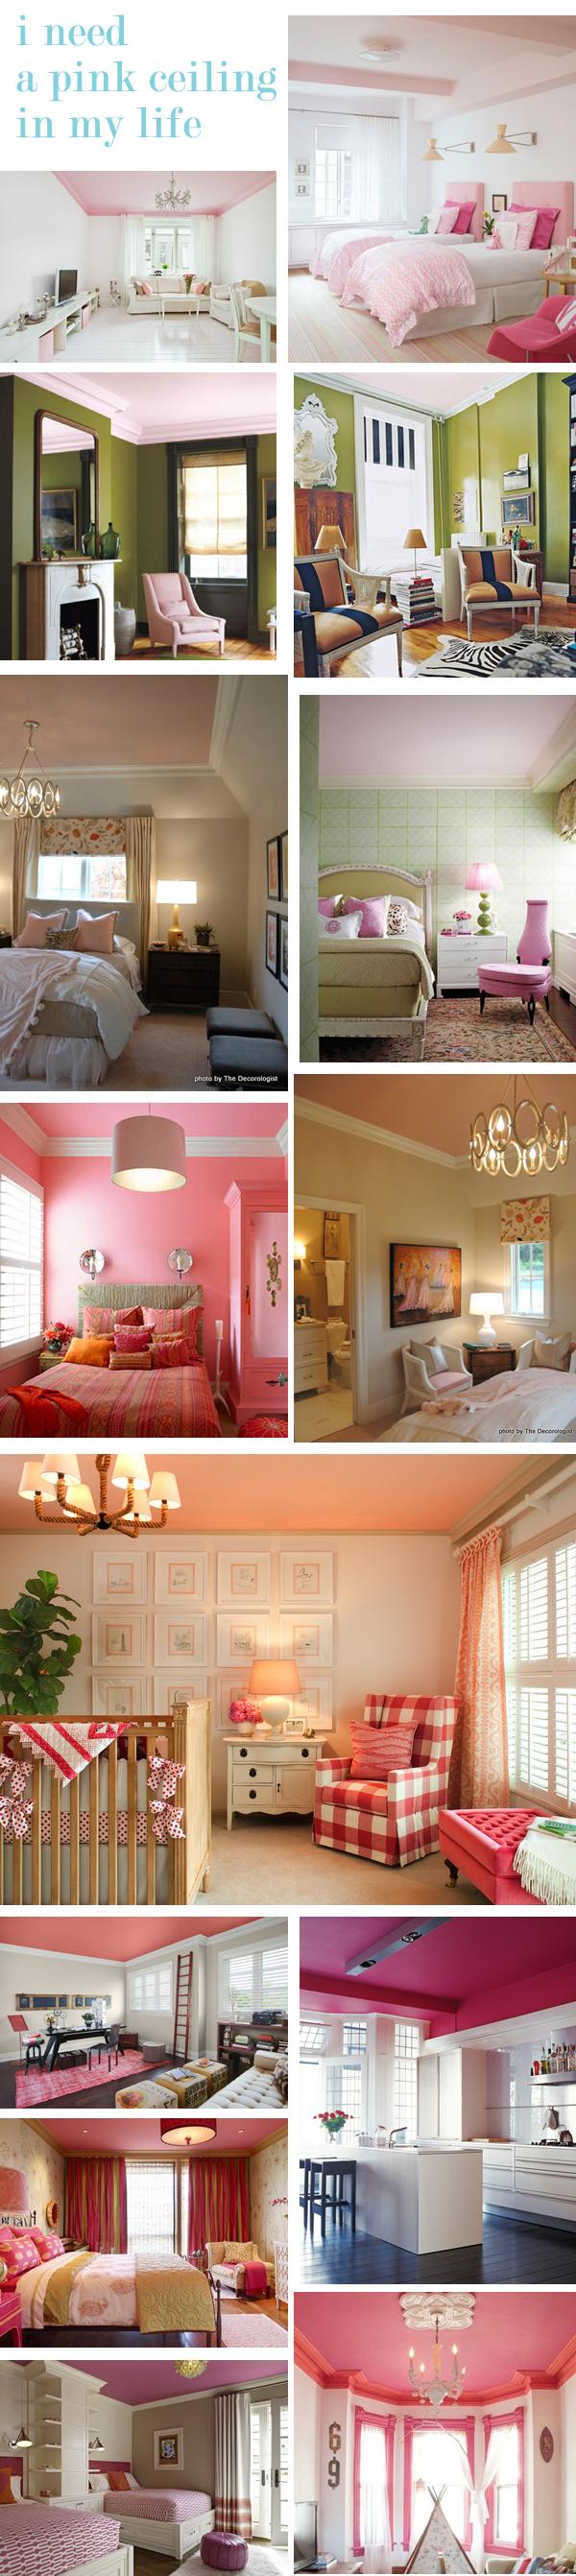 pink-ceilings